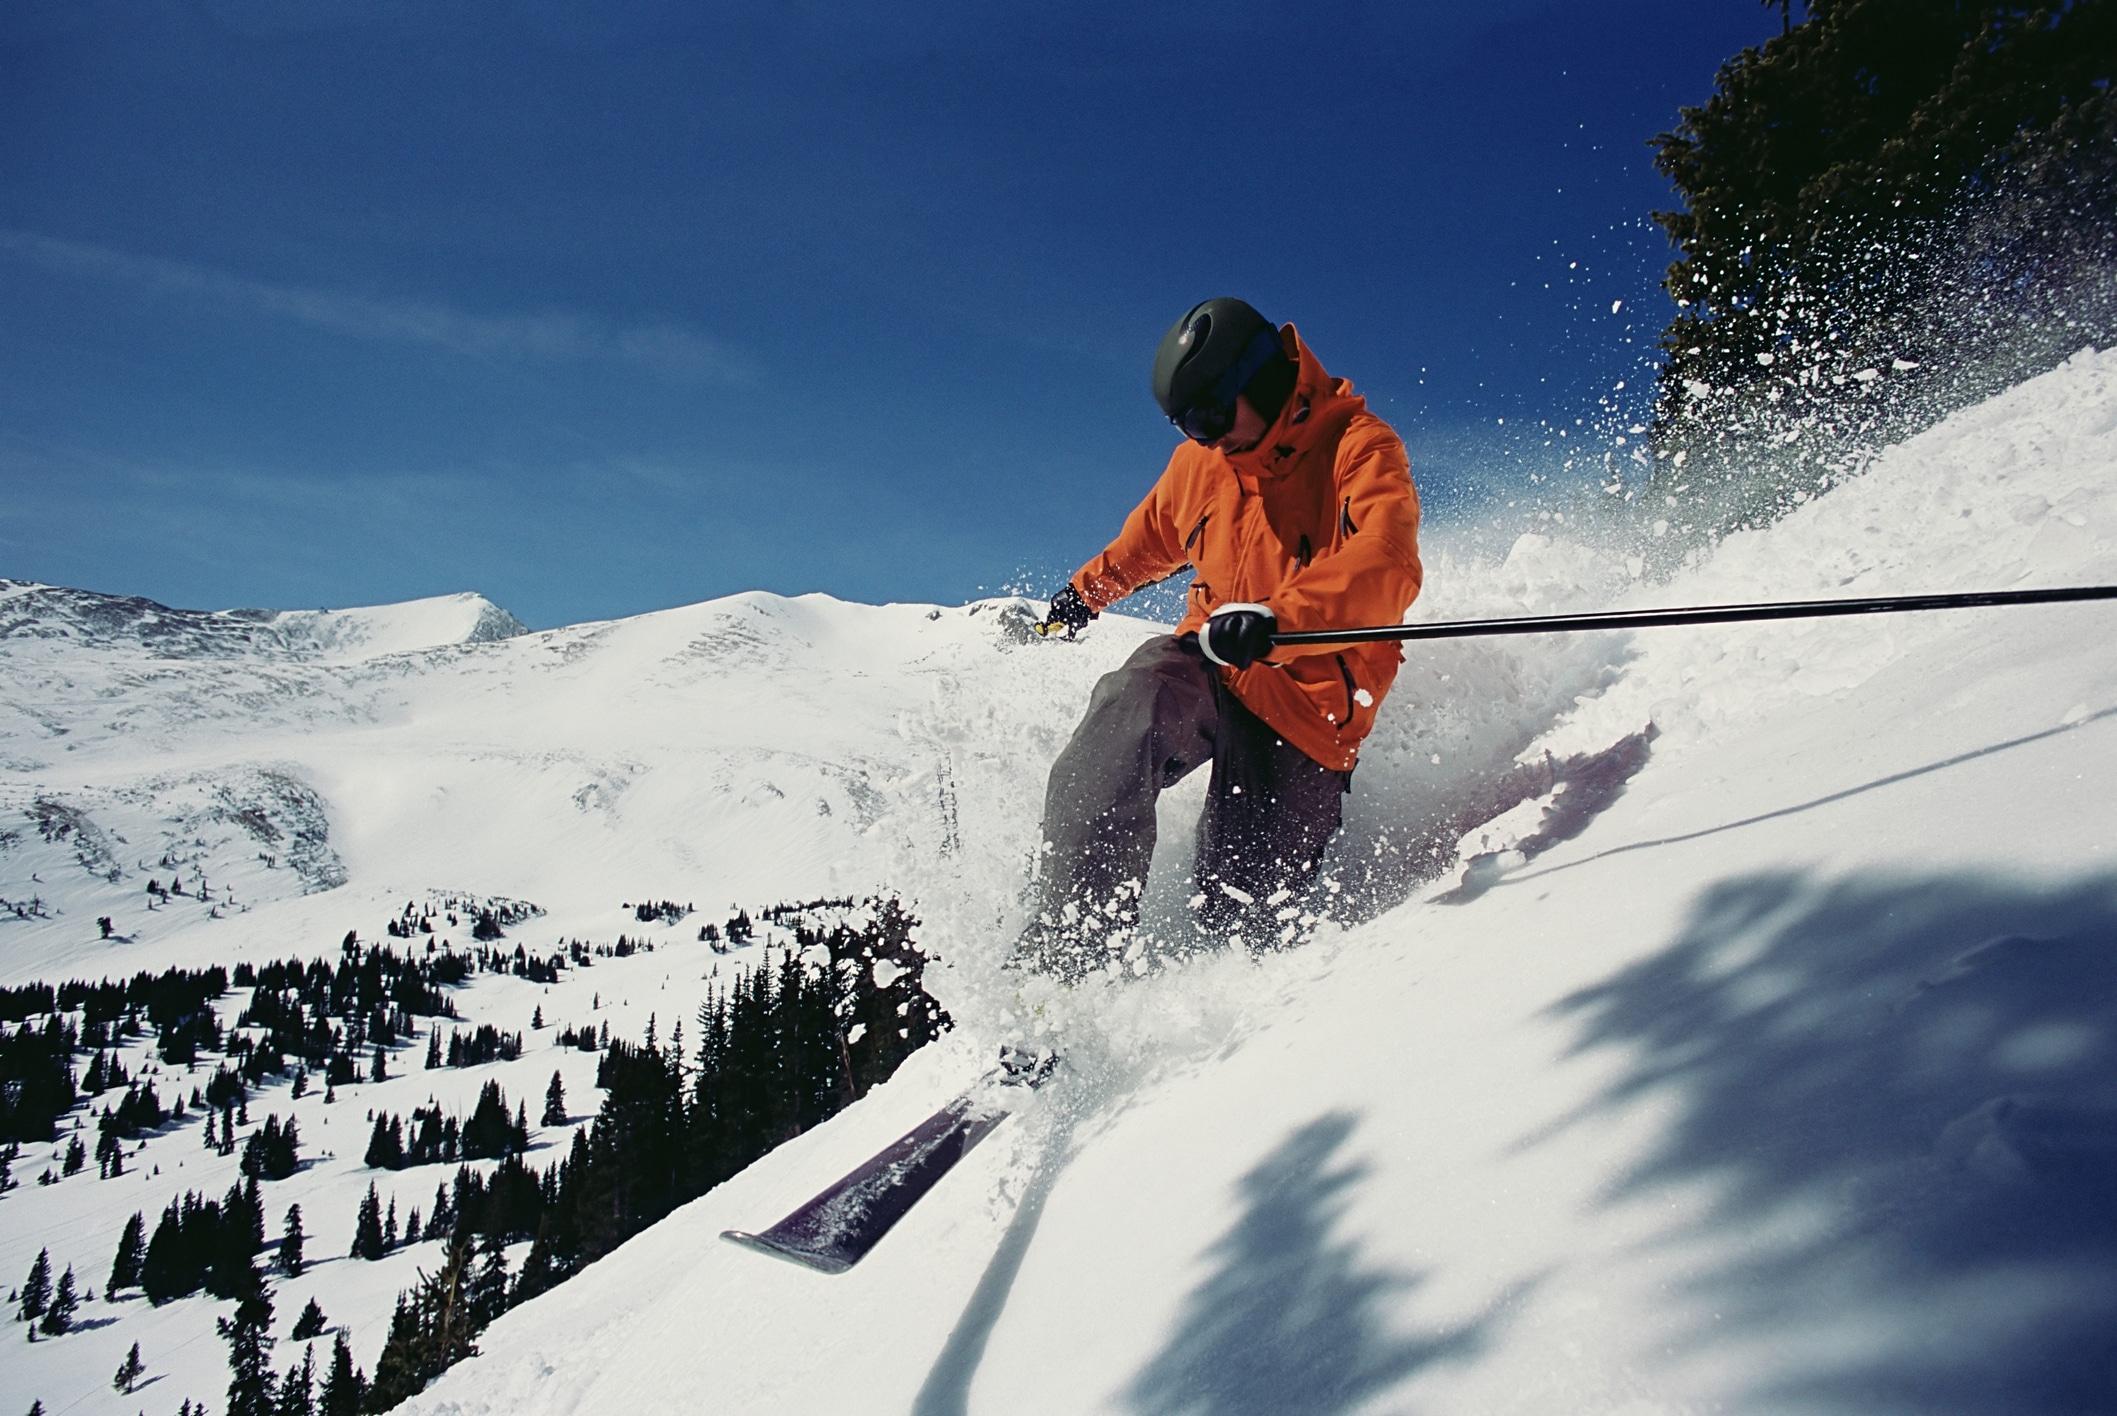 Man in orange jacket skis down steep powdery slope.